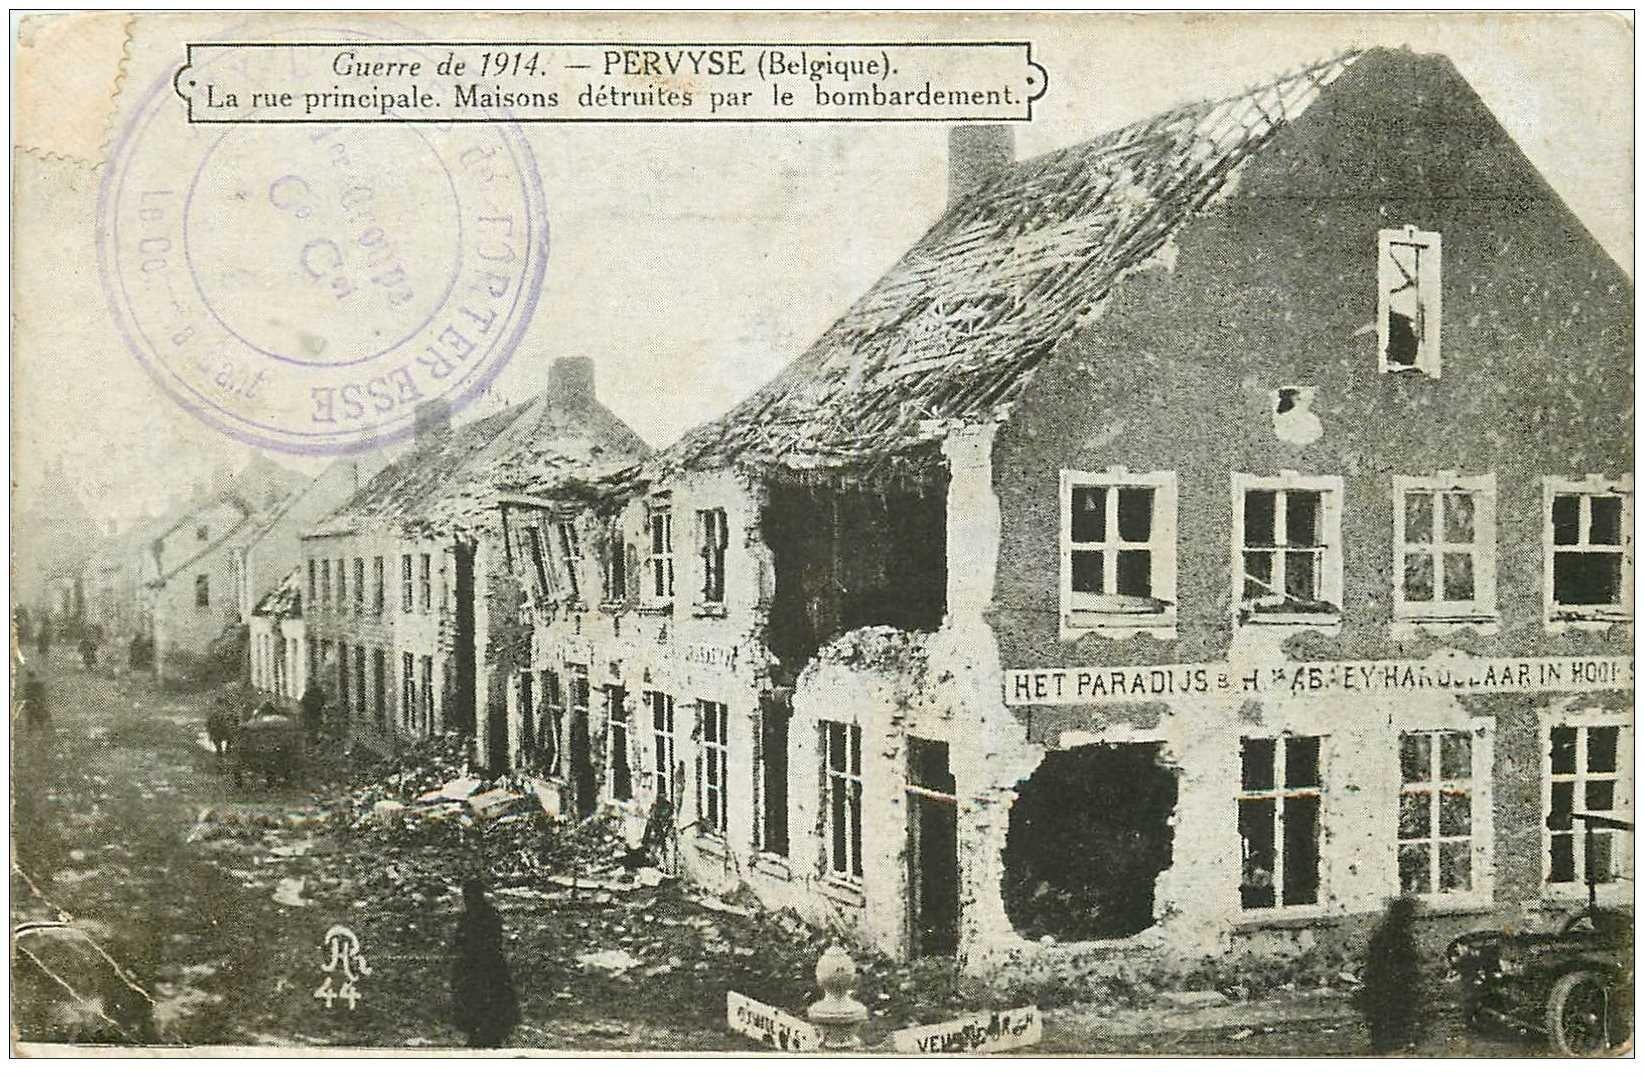 carte postale ancienne BELGIQUE. Pervyse. Rue principale Maisons détruites par bombardement de 1914